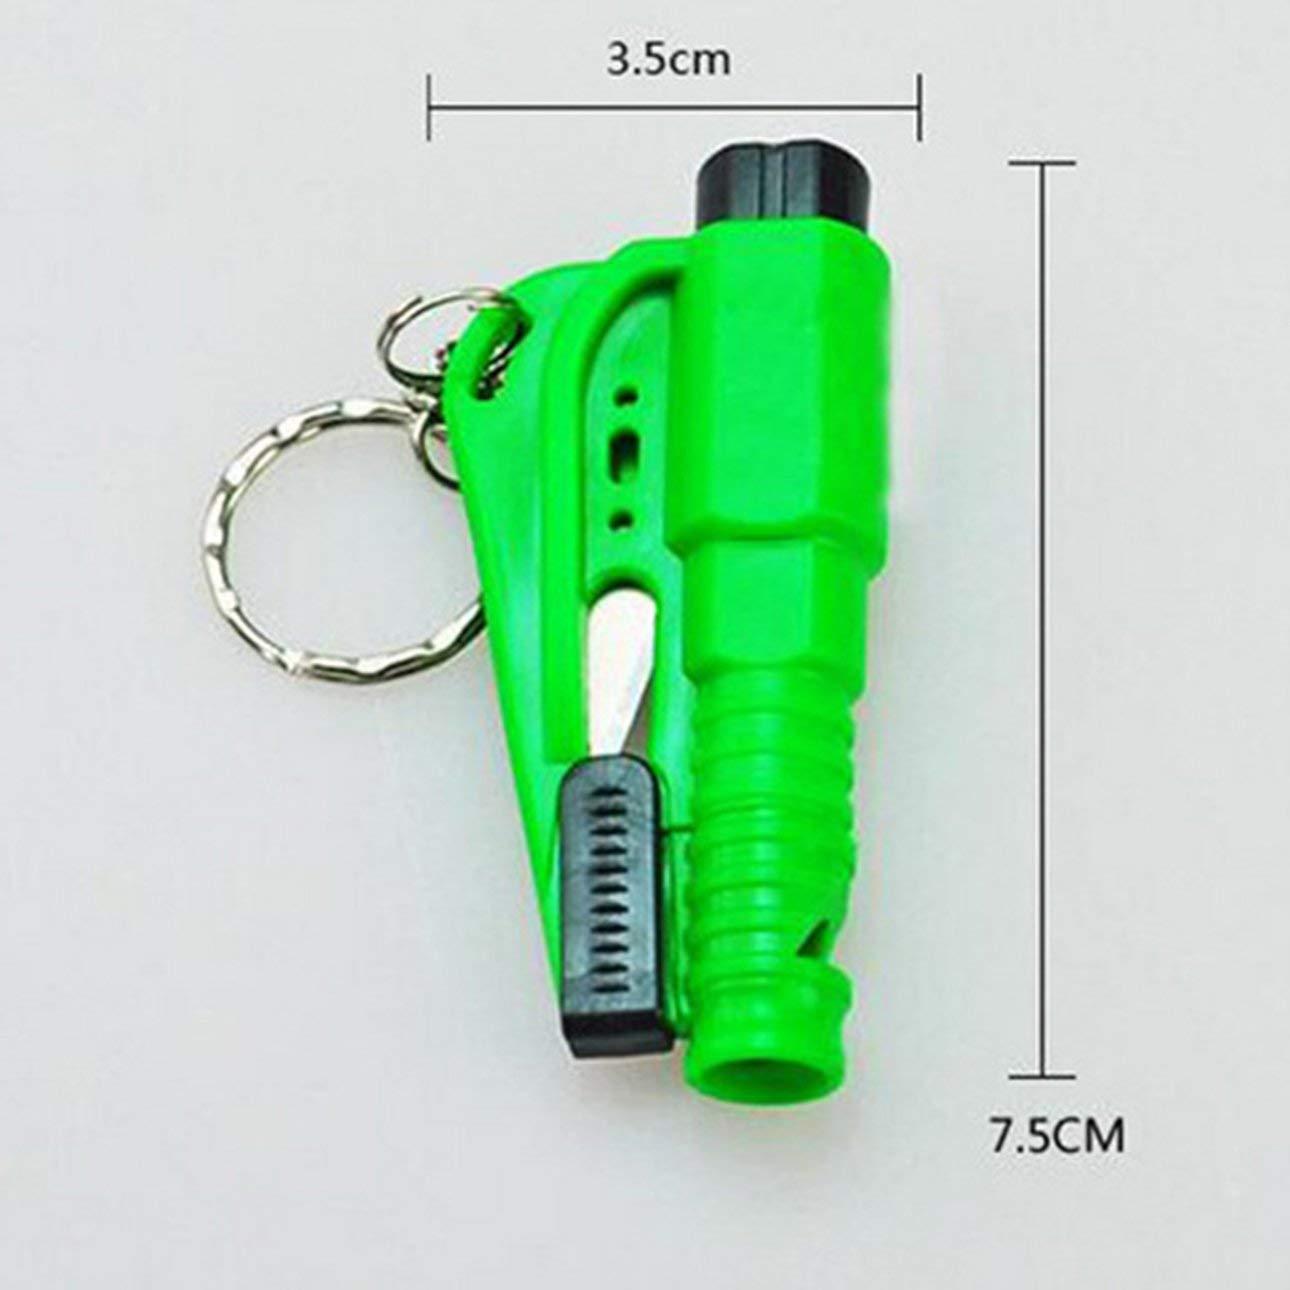 Pudincoco Portable 3 en 1 s/écurit/é Marteau Briseur de vitre de Voiture Trousseau /évasion